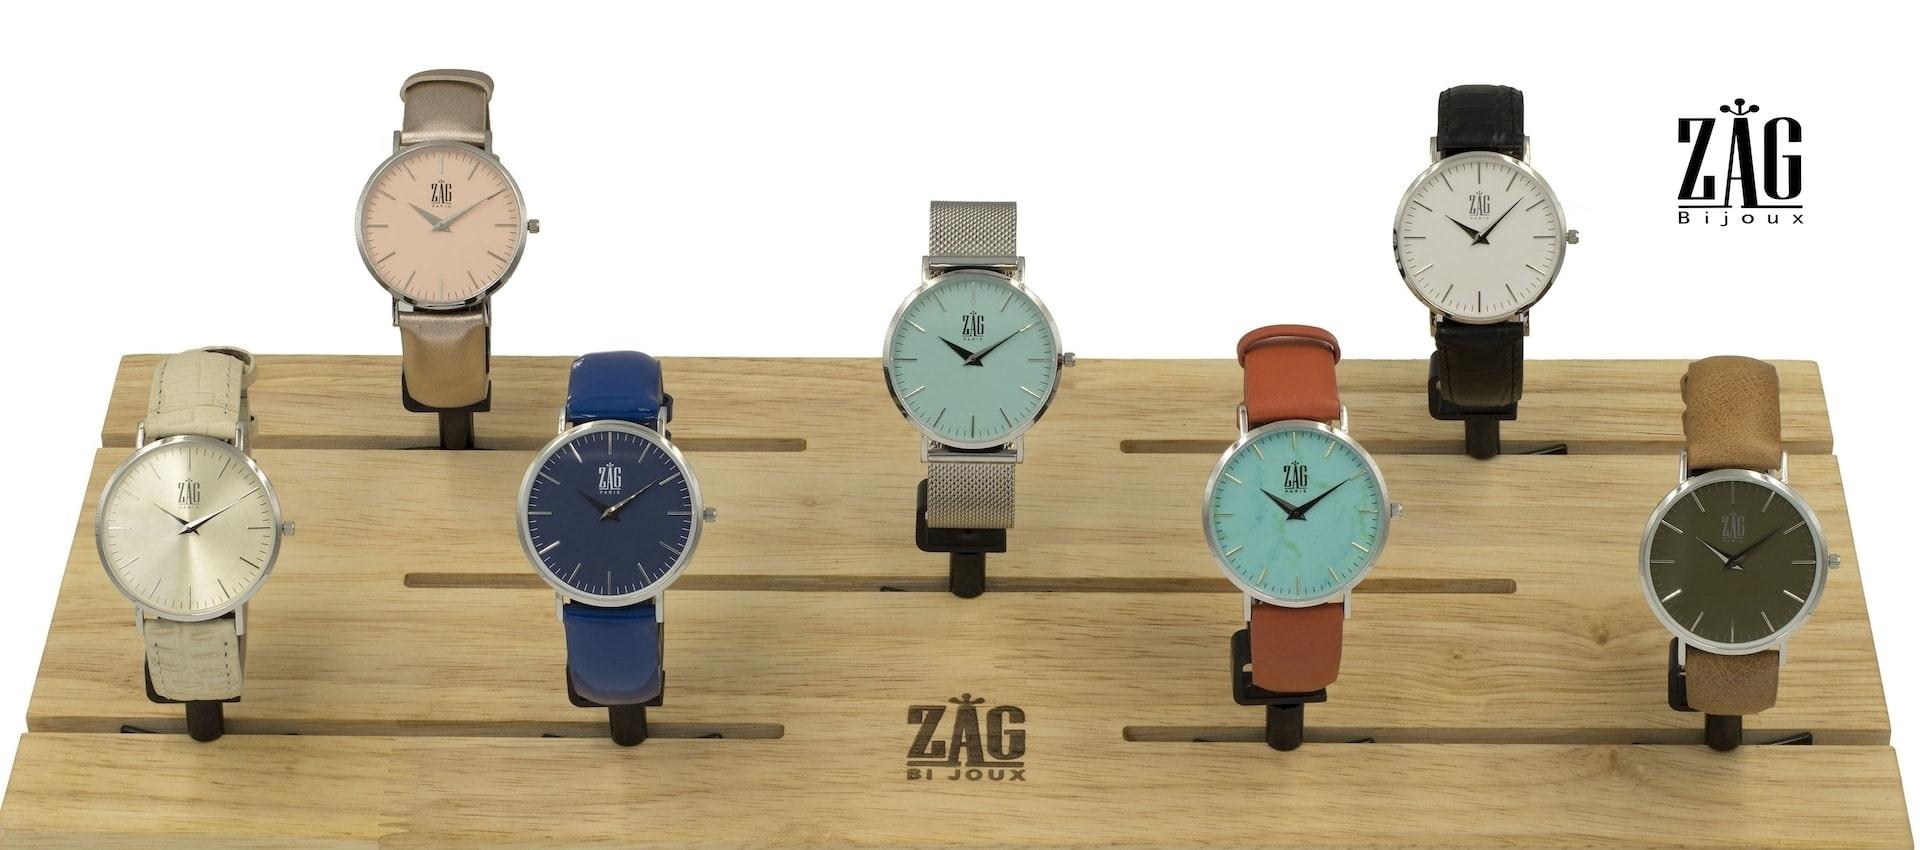 Catalogue des montres Zag Bijoux